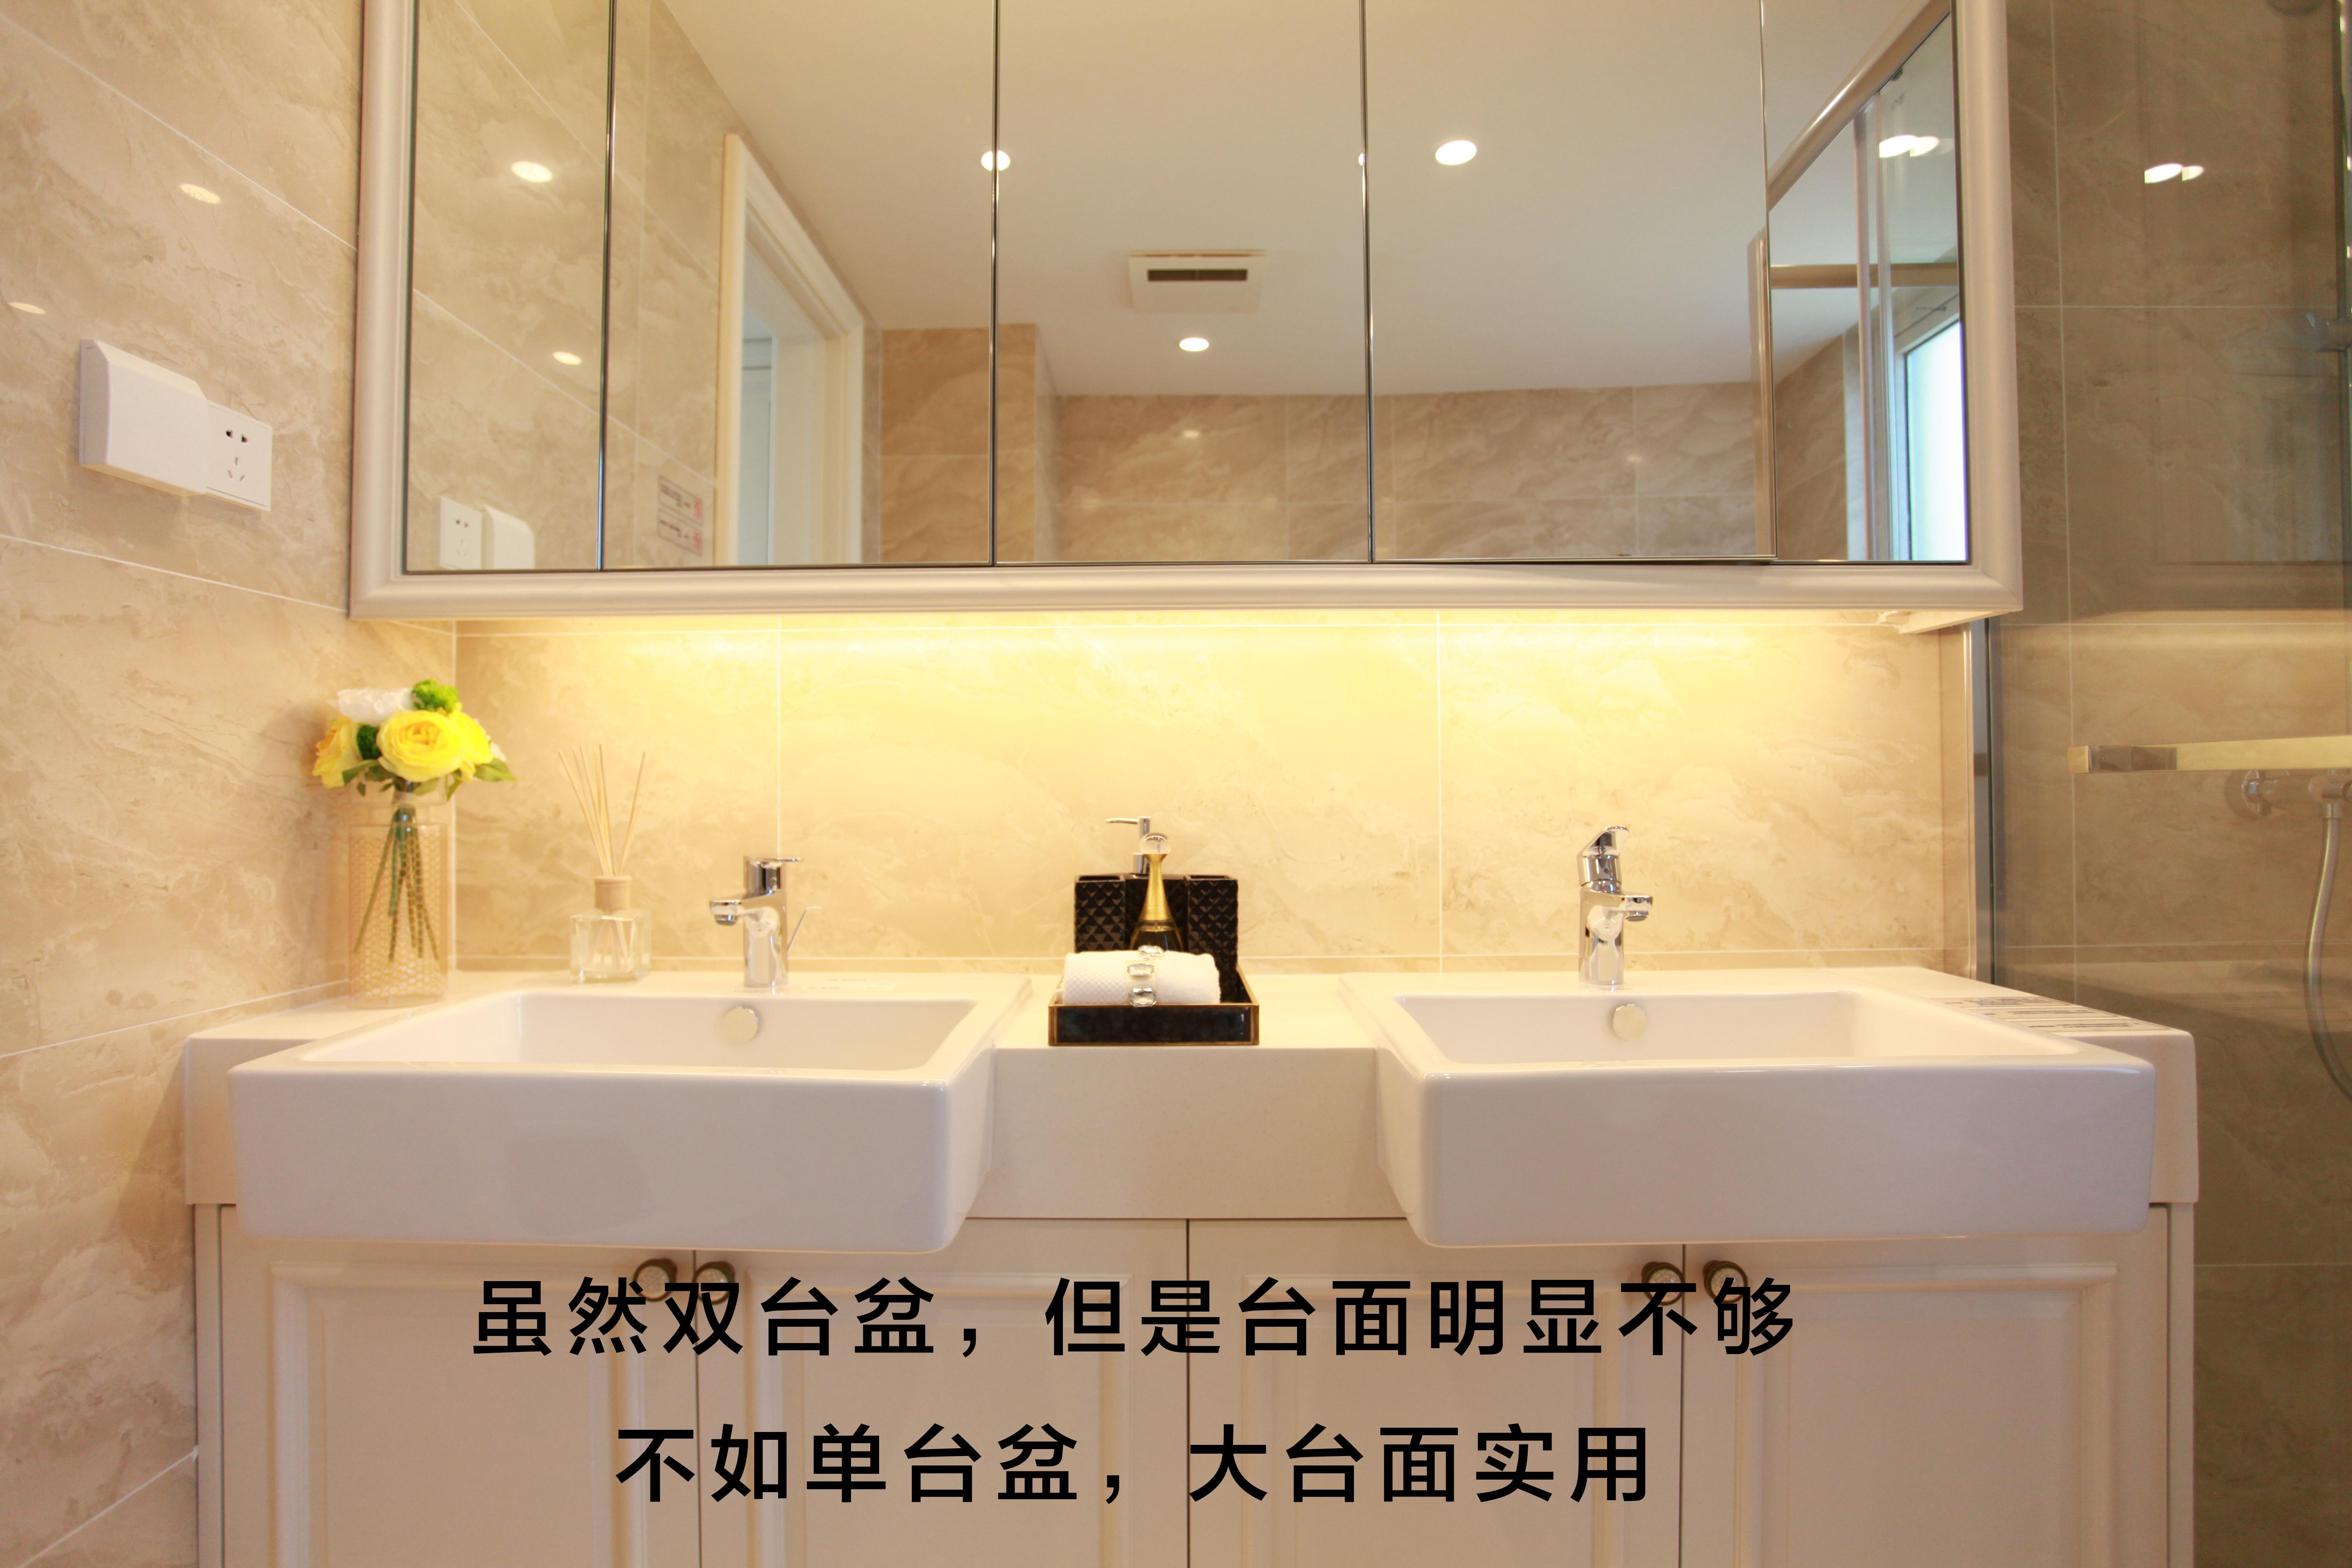 台盆尺寸_干湿分离卫生间怎么设计既合理又漂亮? - 知乎